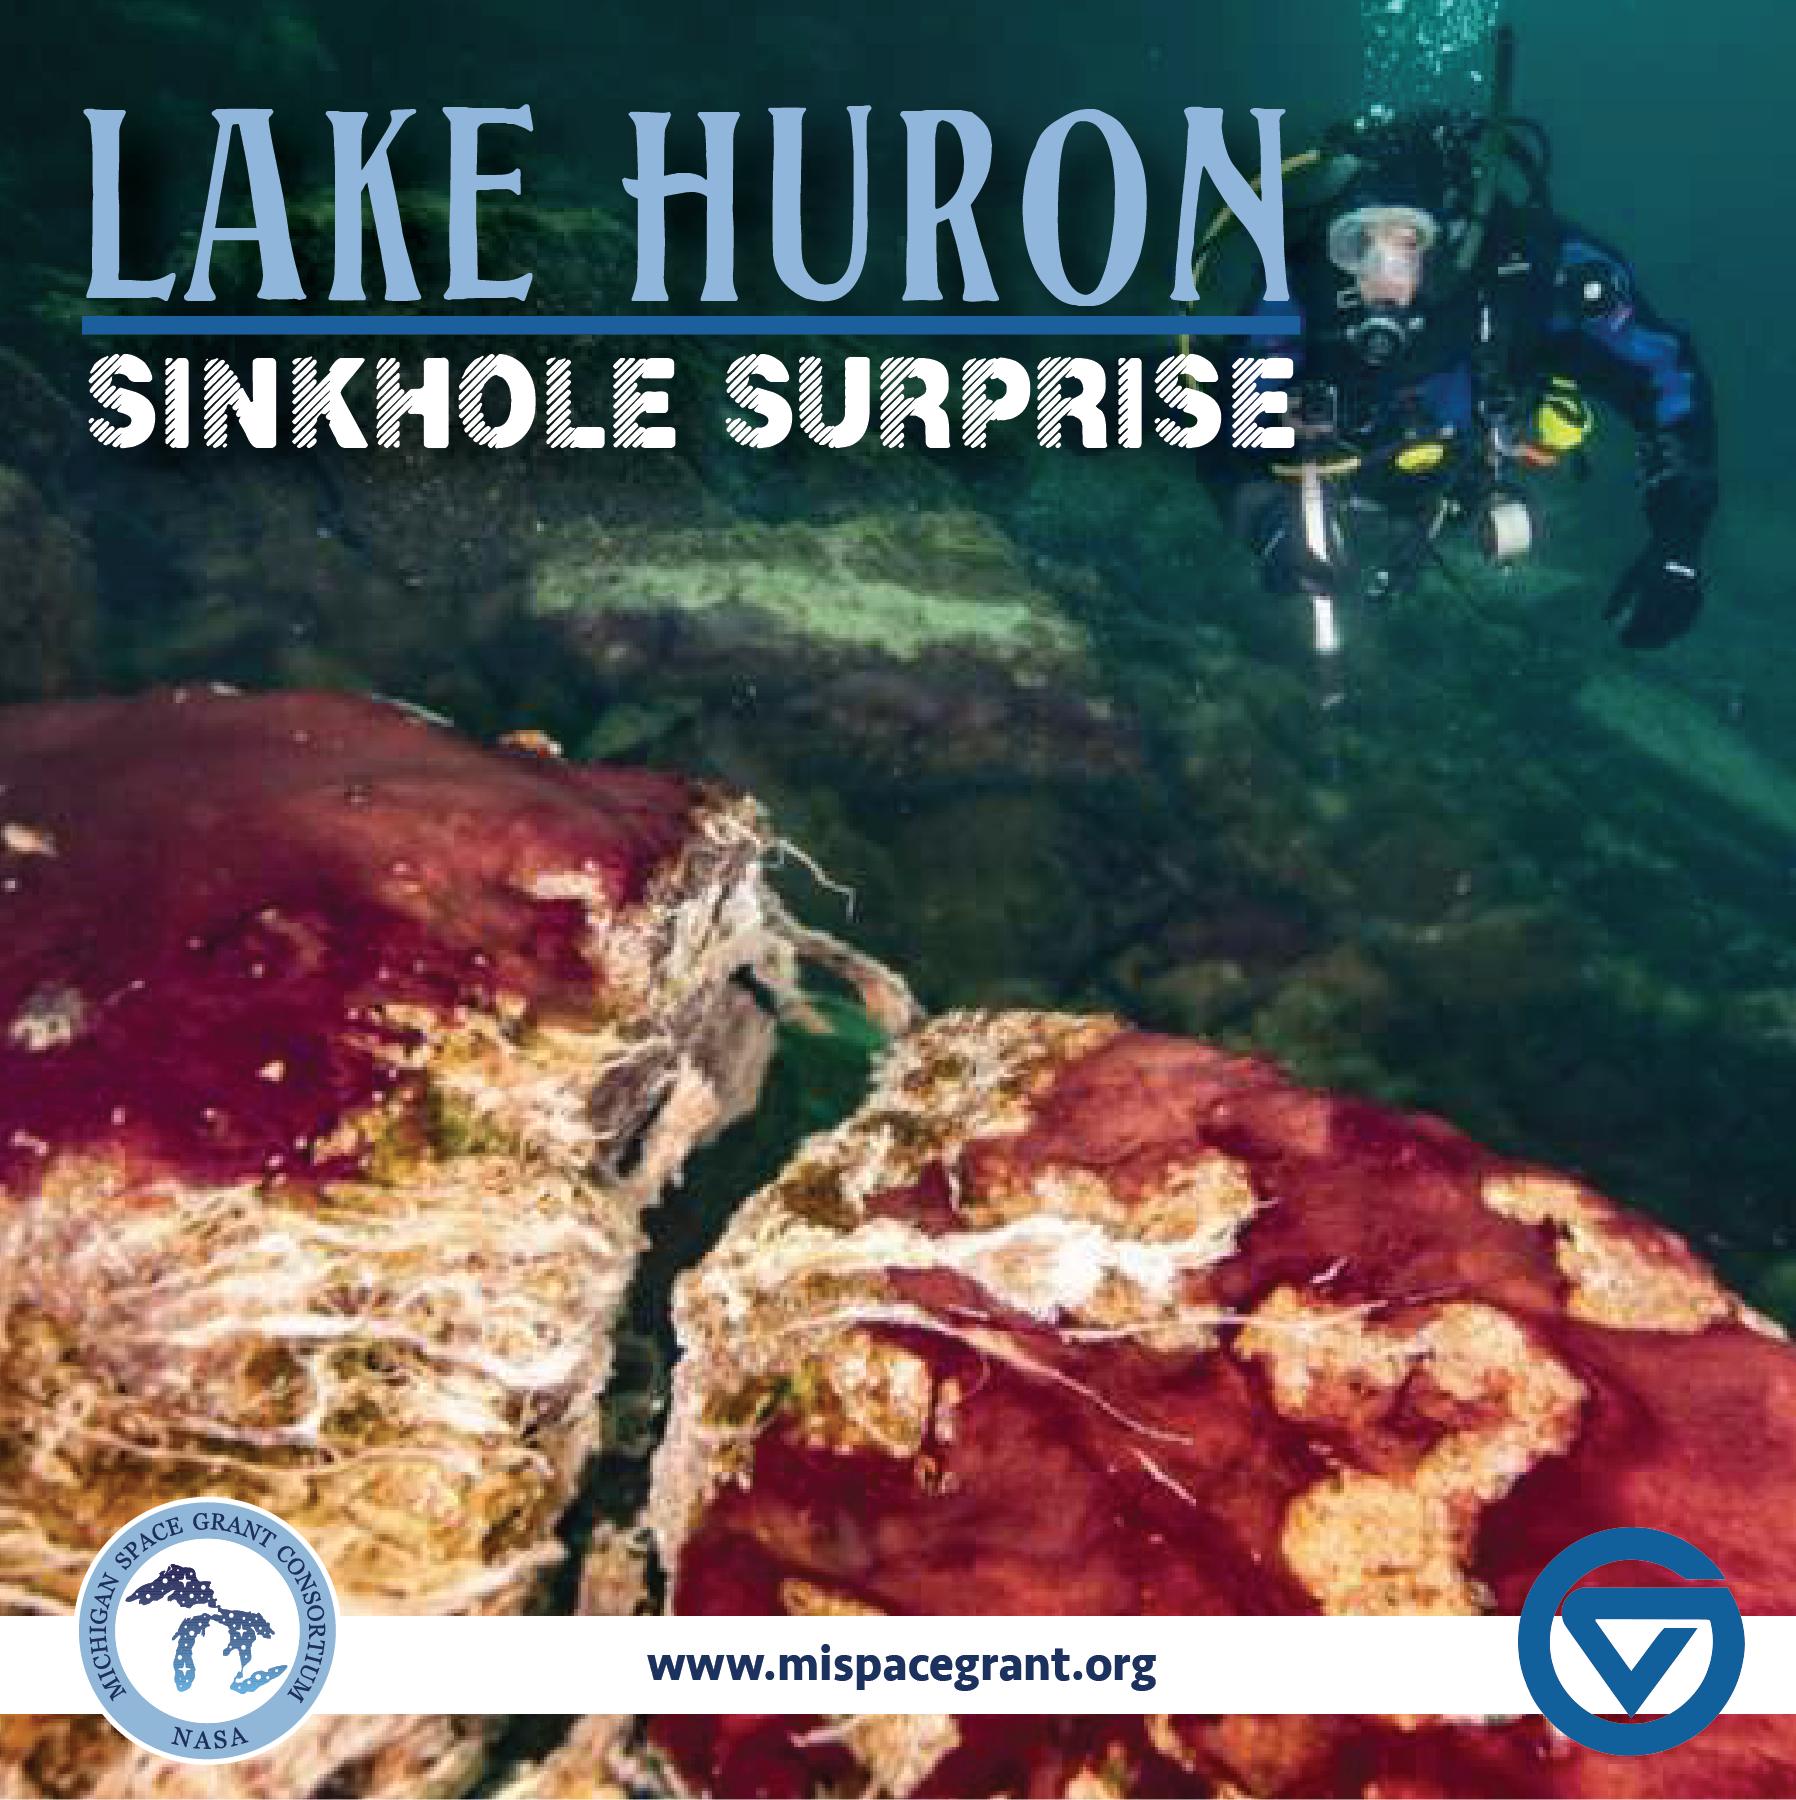 Lake Huron Sinkhole